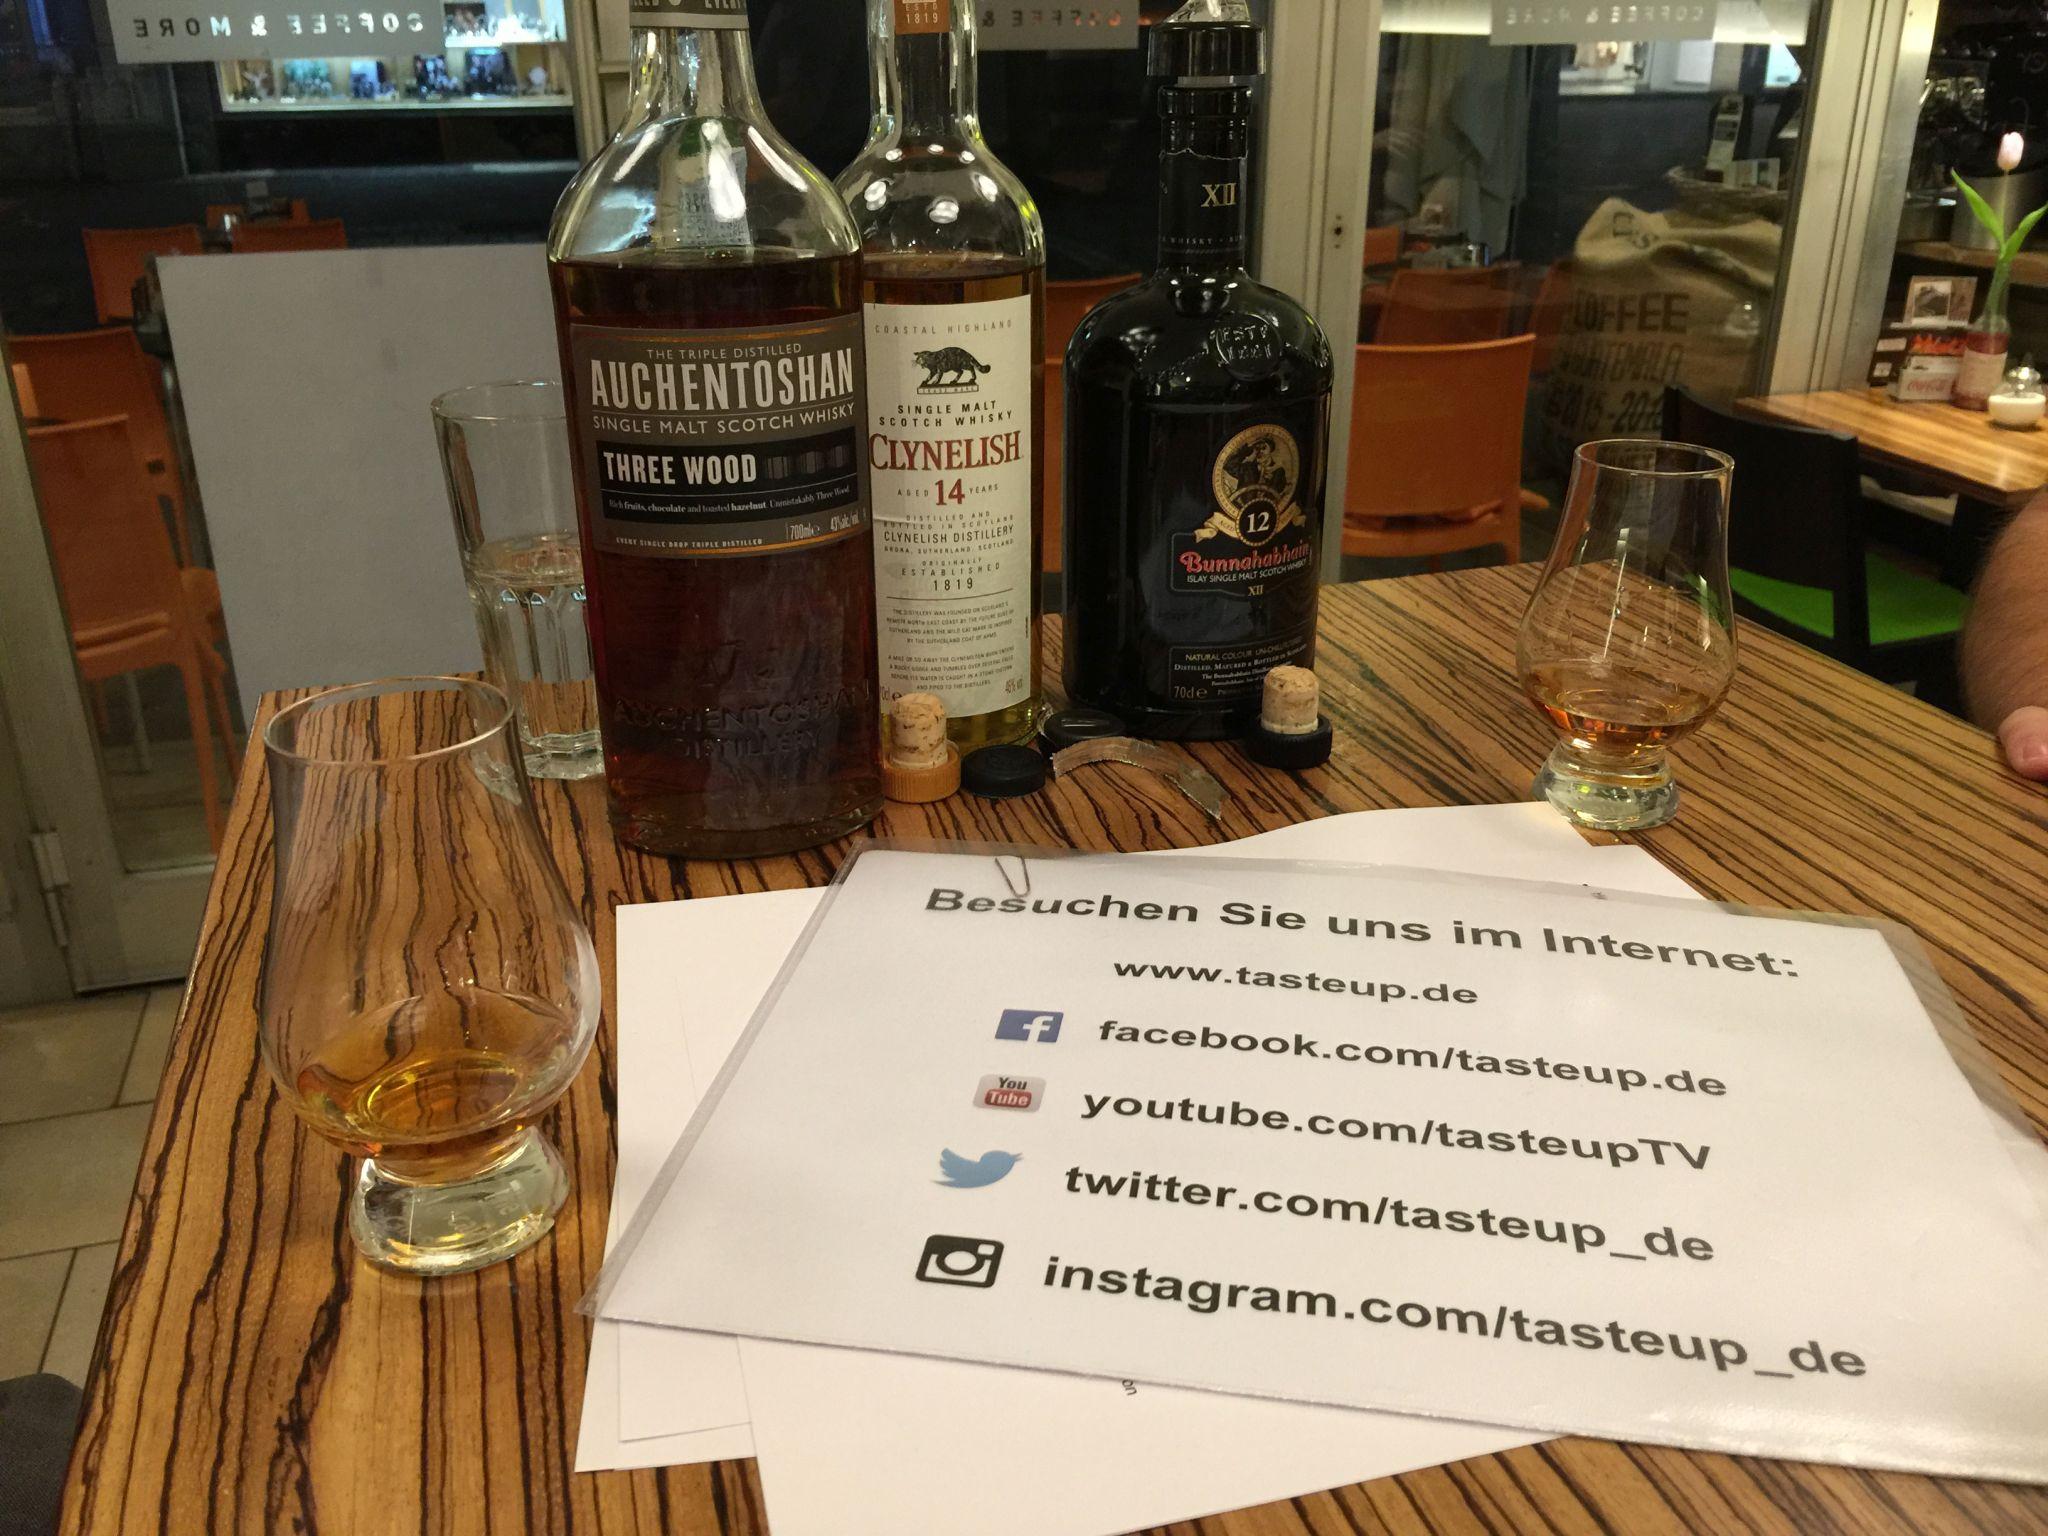 Whisky und social media. Eine gute Mischung.